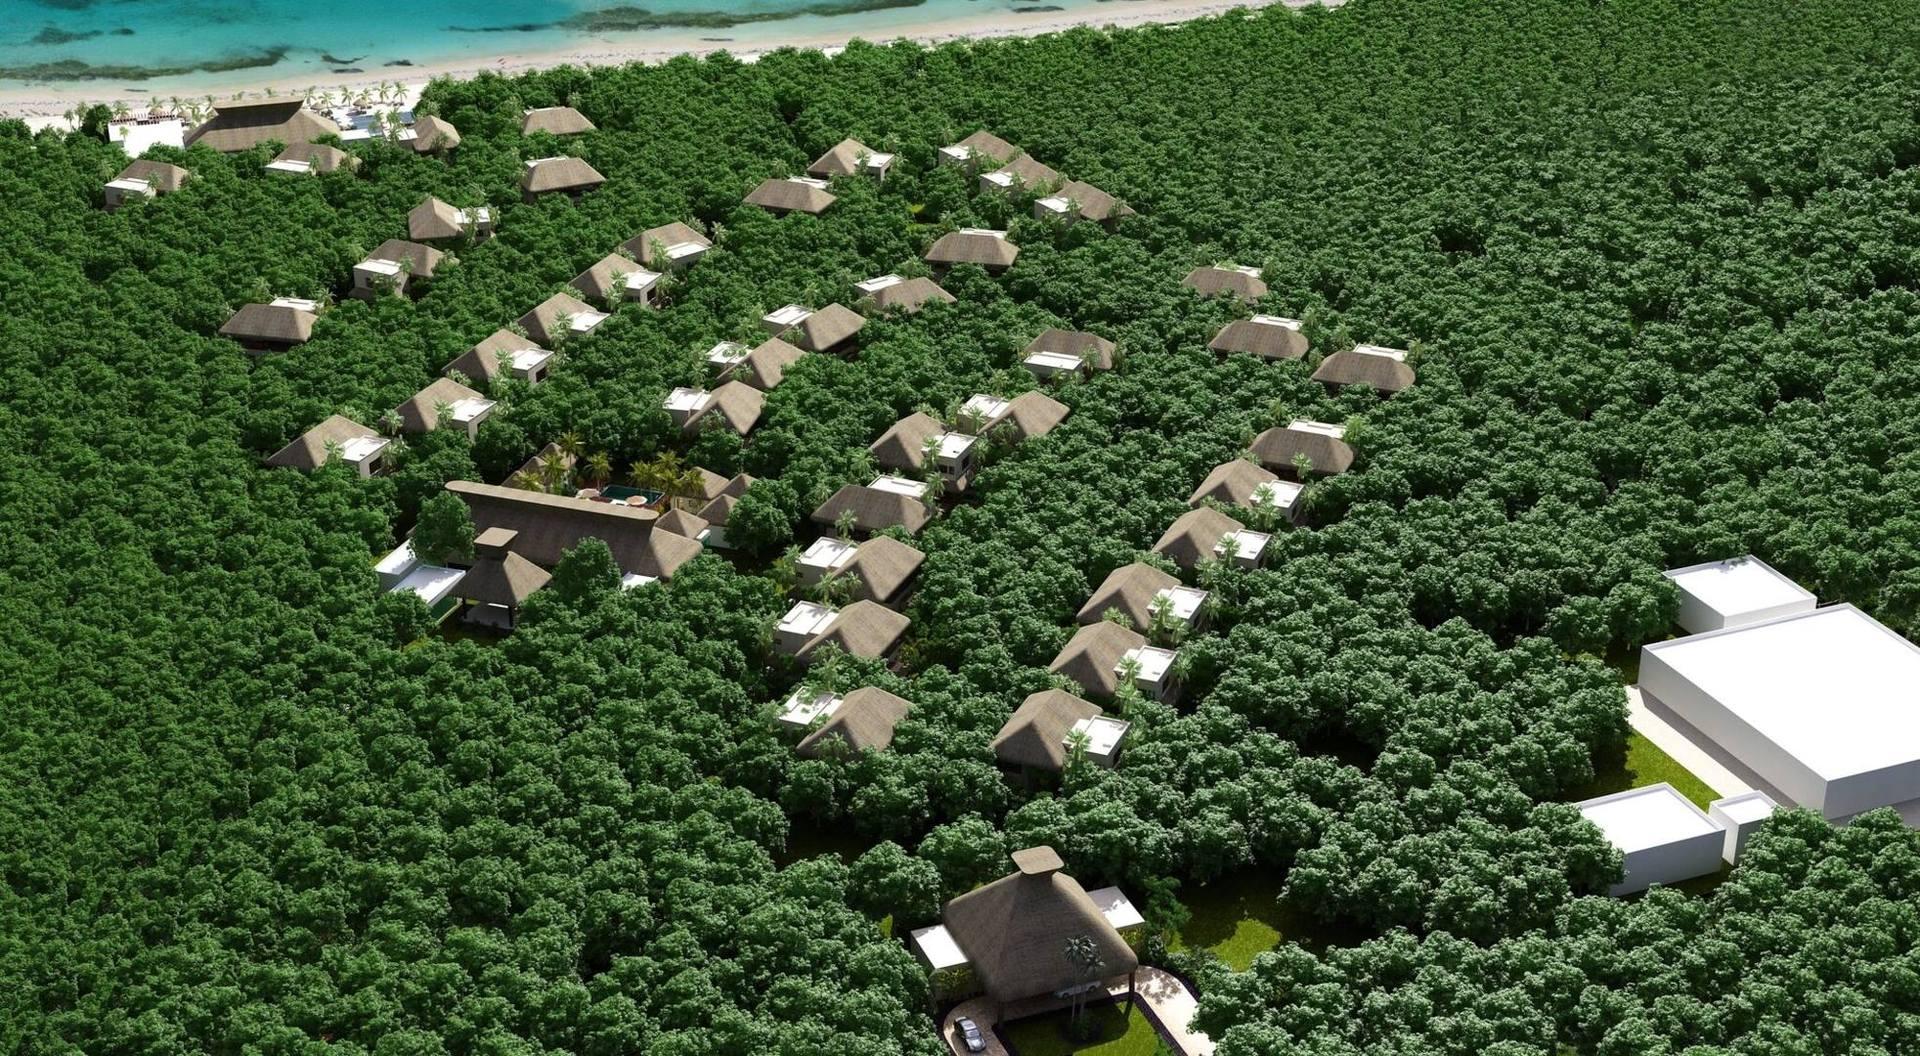 В отеле придерживаются политики сохранения пляжа, уважения к морю и экологического потребления. Поэтому и сам Chablé Maroma спроектирован и построен таким образом, чтобы не навредить окружающей среде.